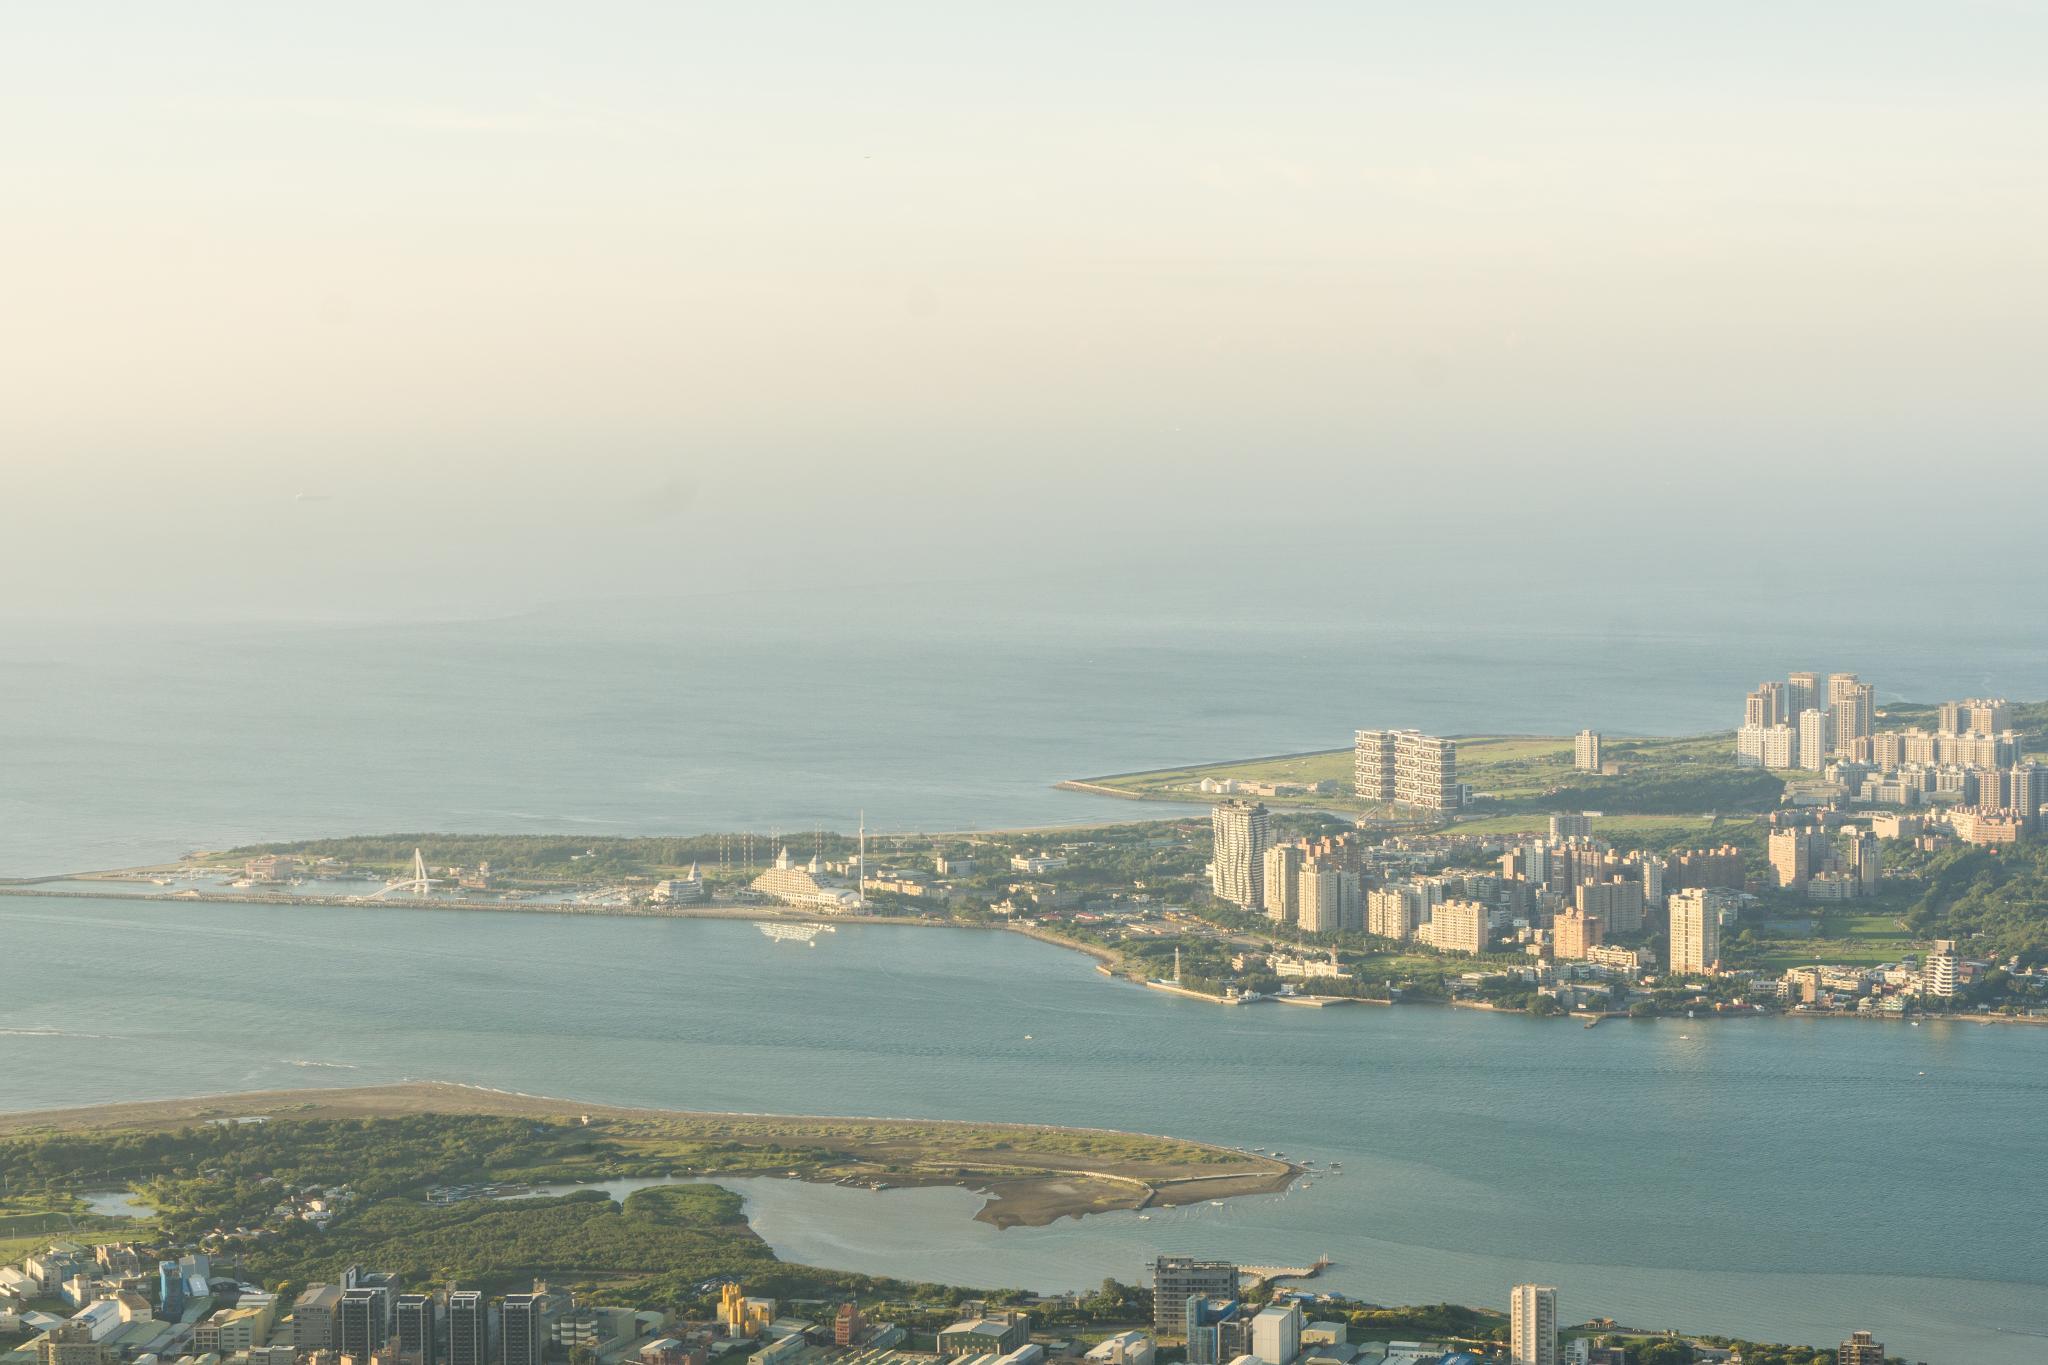 【臺北】觀音山硬漢嶺 — 瞭望大台北地區最推薦的觀景台 11